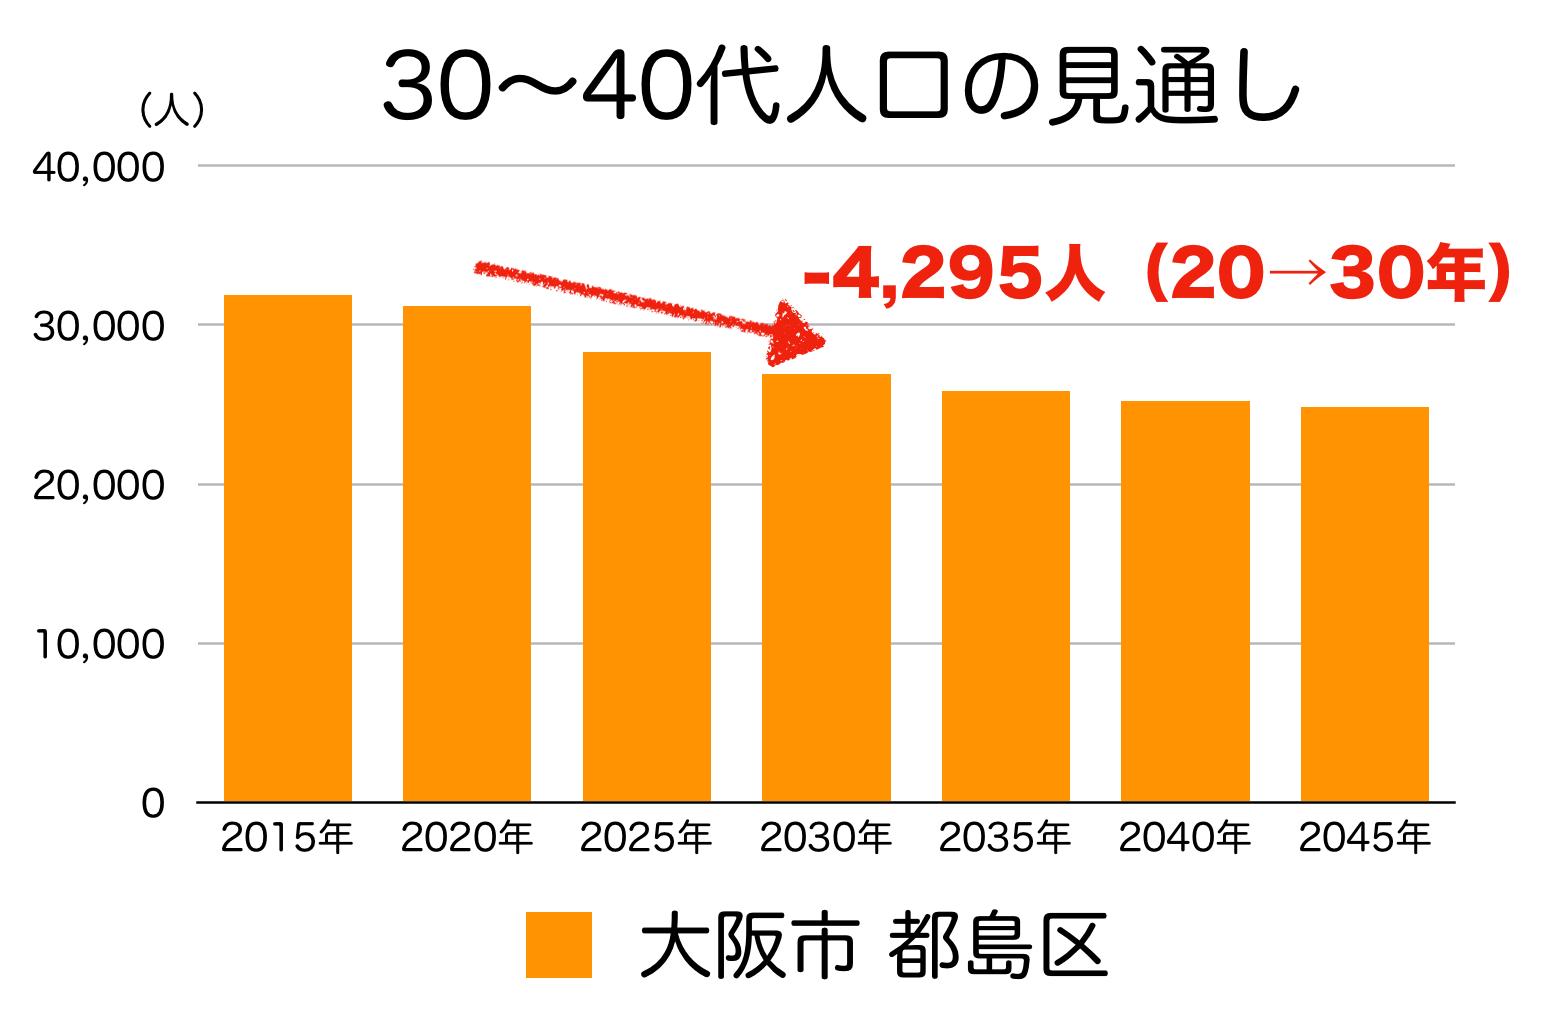 大阪市都島区の30〜40代人口の予測